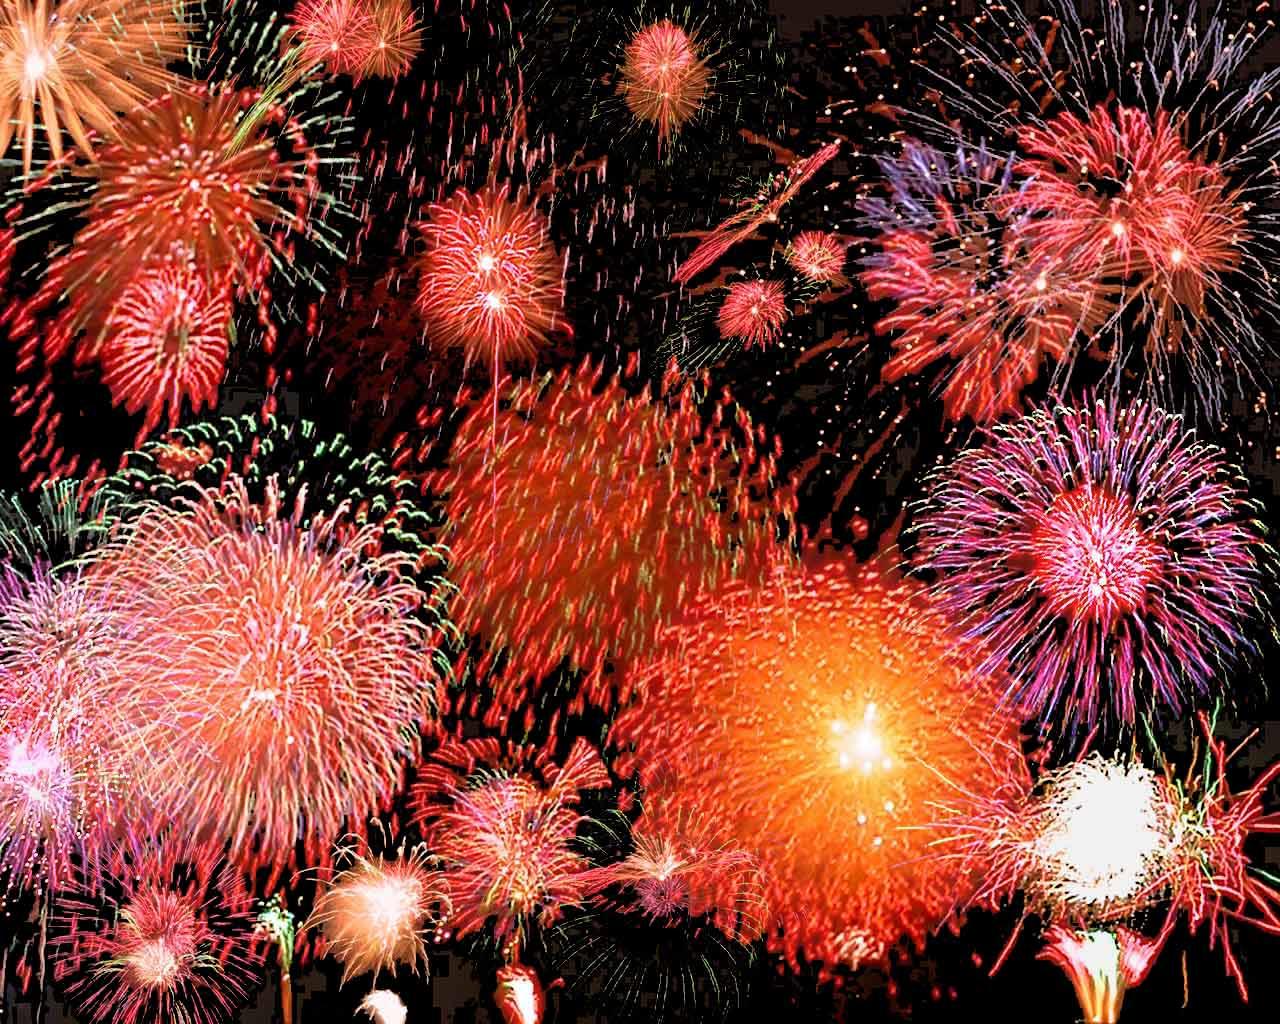 http://1.bp.blogspot.com/_OmTPspP01MA/TDFaMdSQ1SI/AAAAAAAAAFY/iLs0wP0dKno/s1600/firework2.jpg